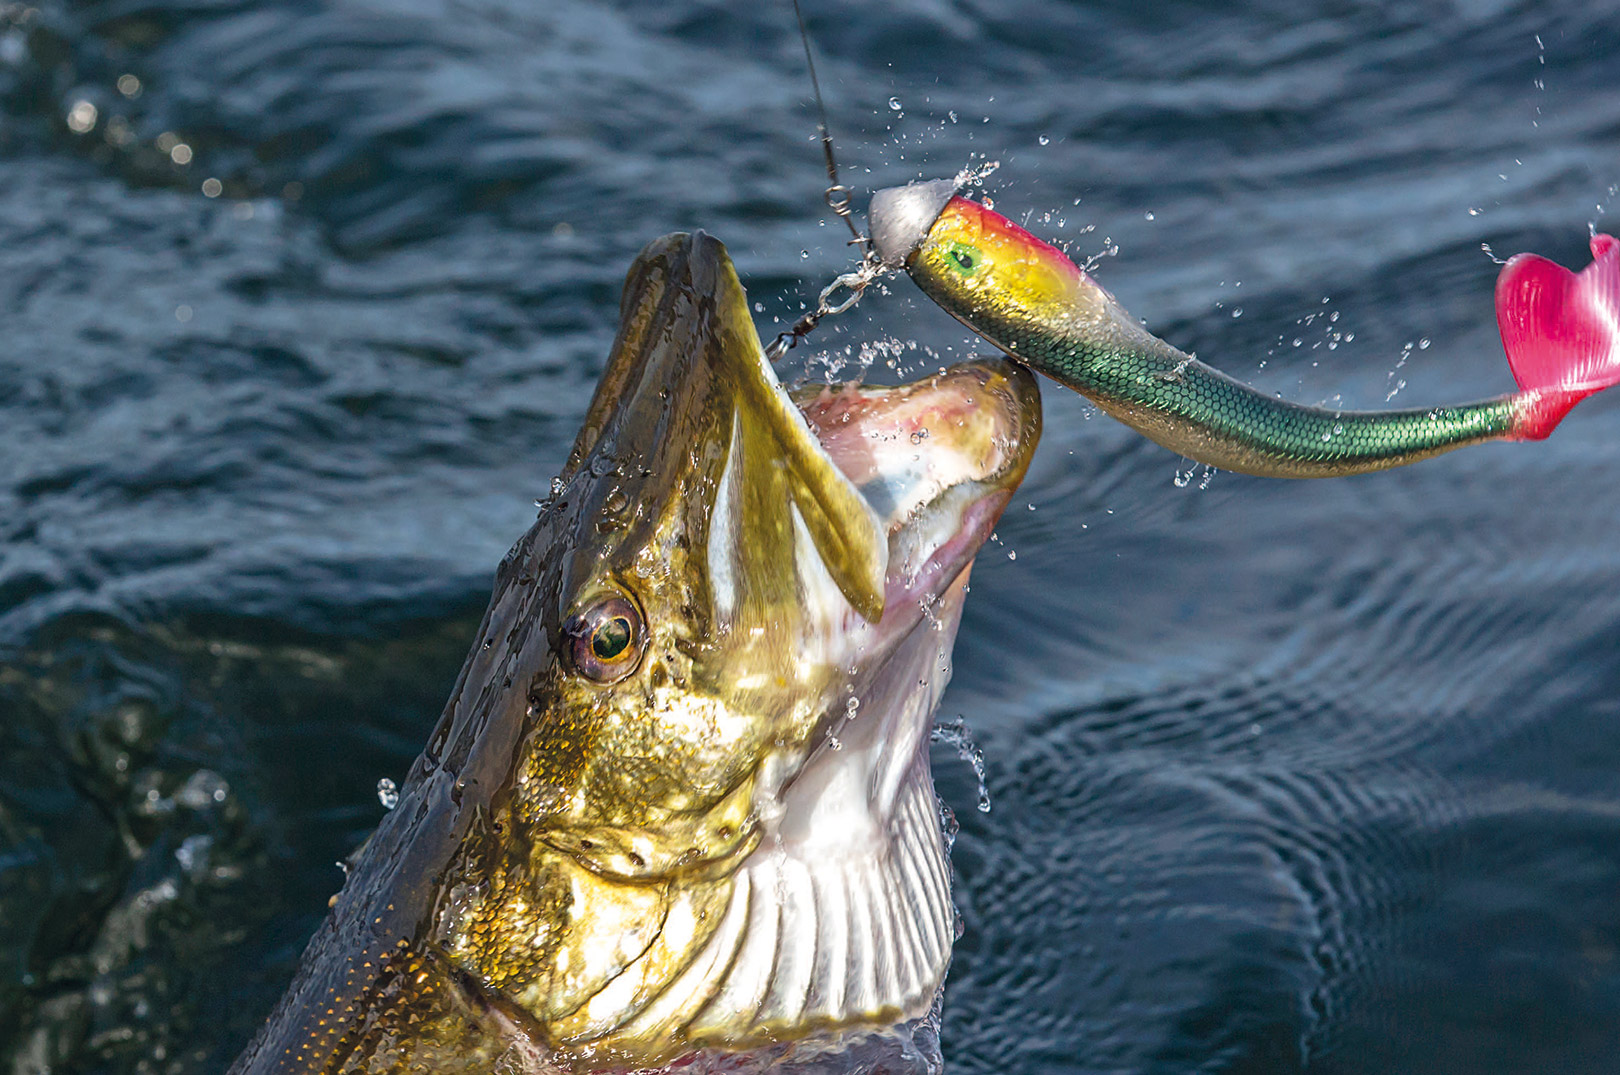 Spar ikke på titaniumwiren. Når fisken kommer i fuld fart fra dybet, er det til tider ikke eng